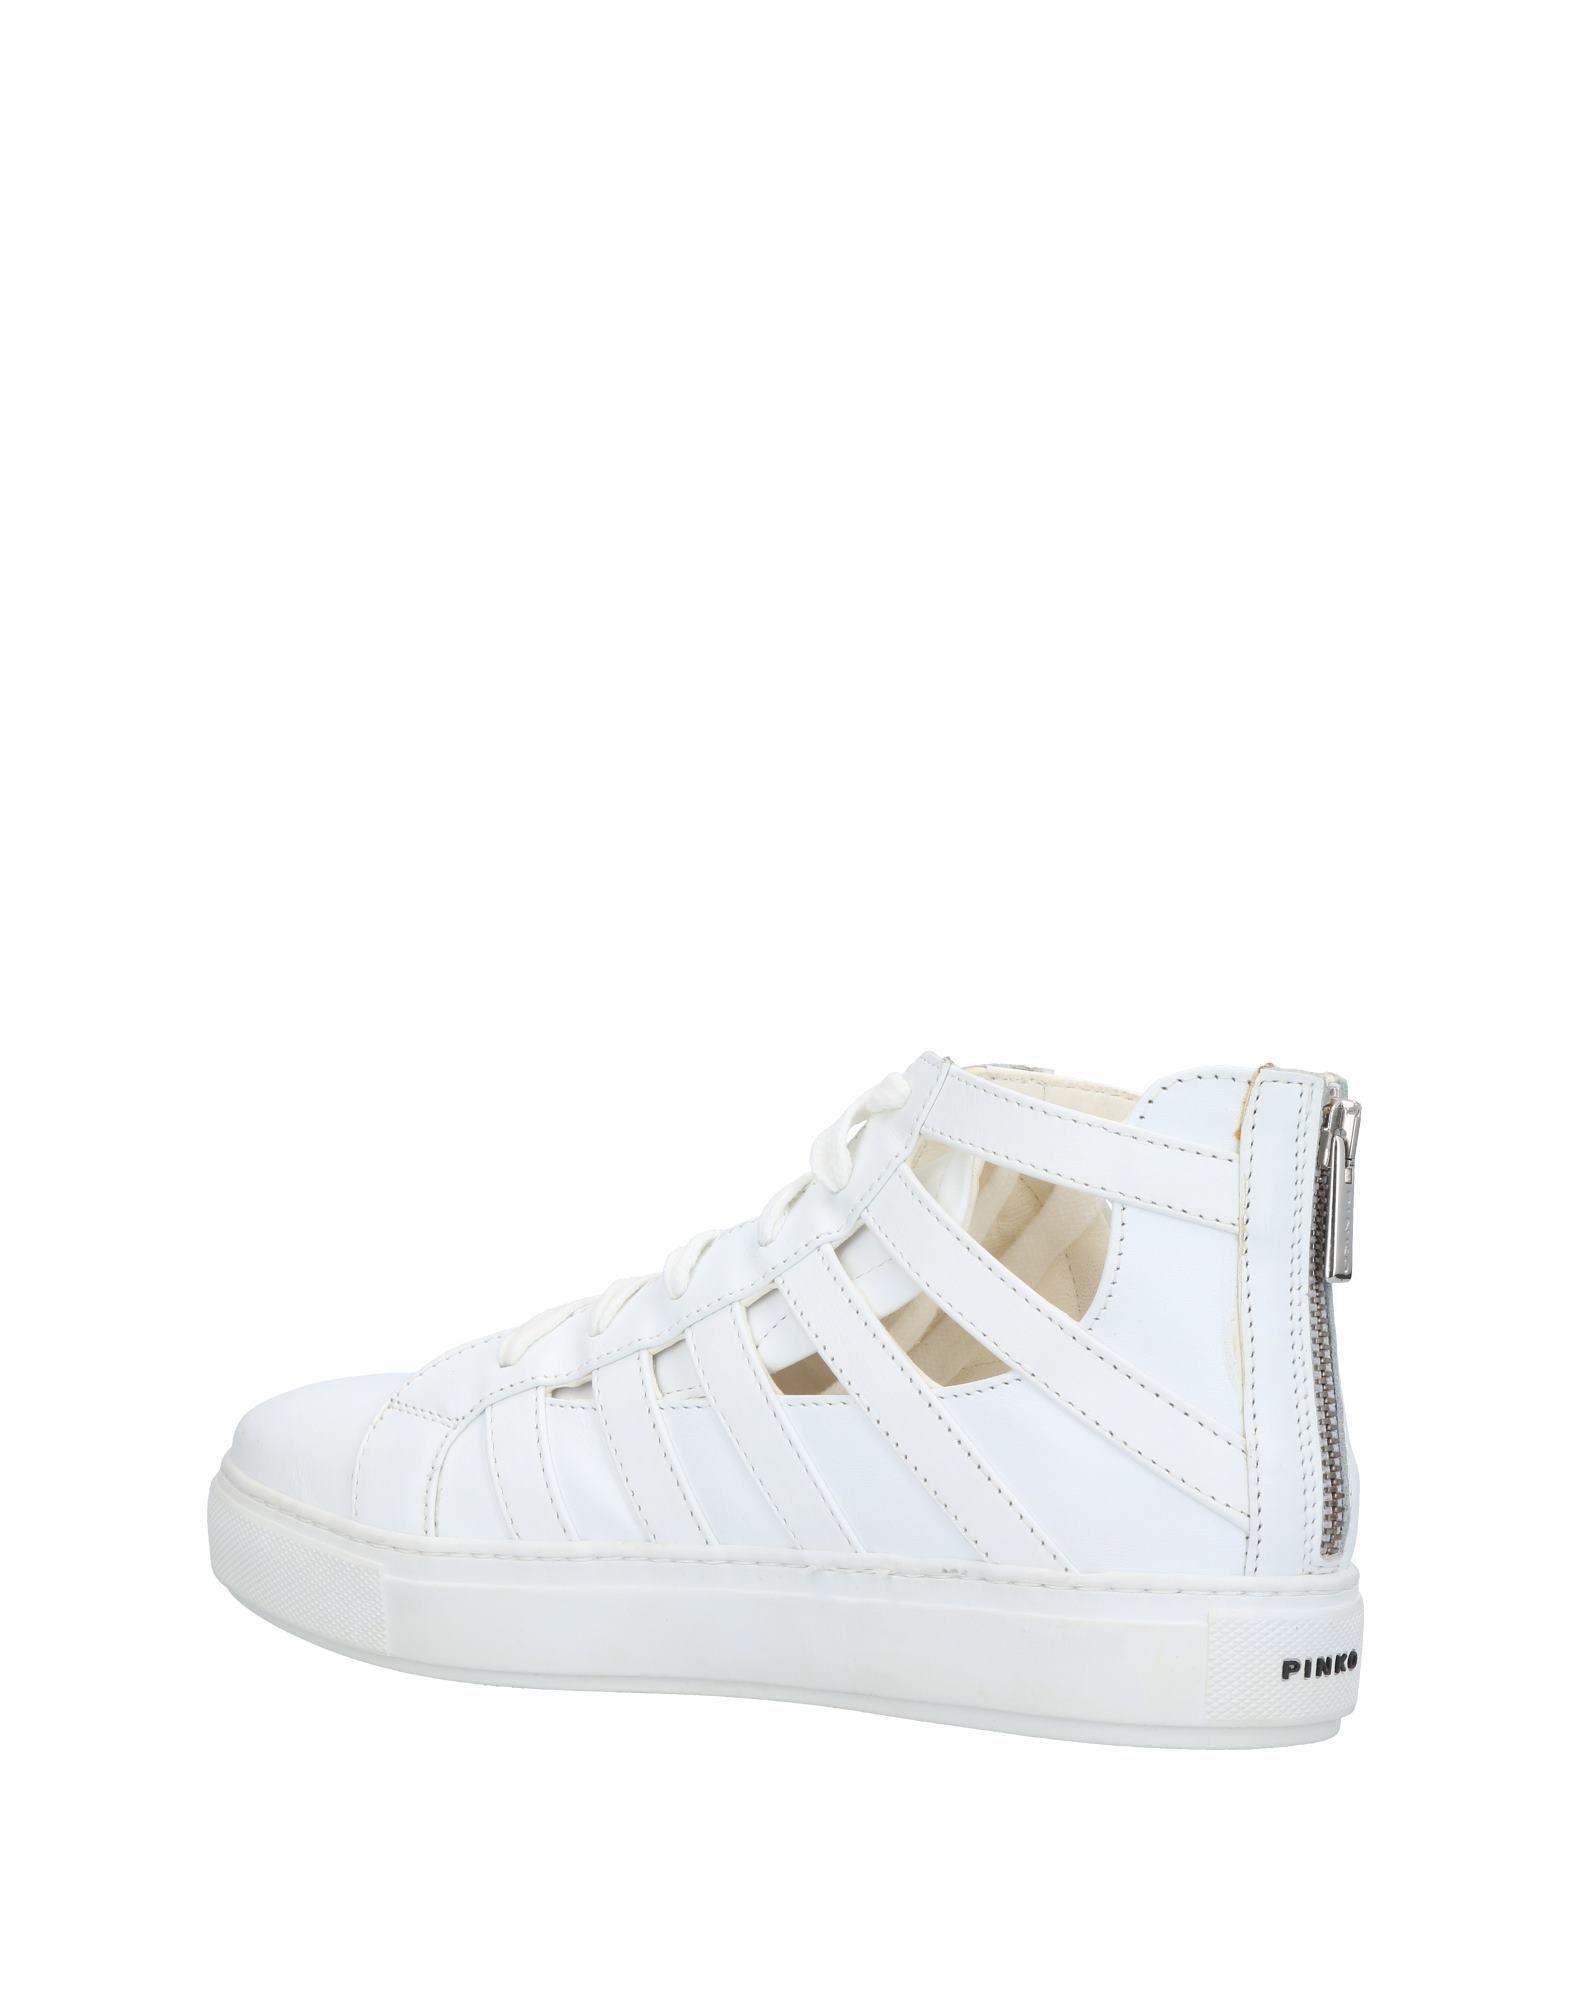 Pinko High-tops Et Chaussures De Sport WgORNZOt5